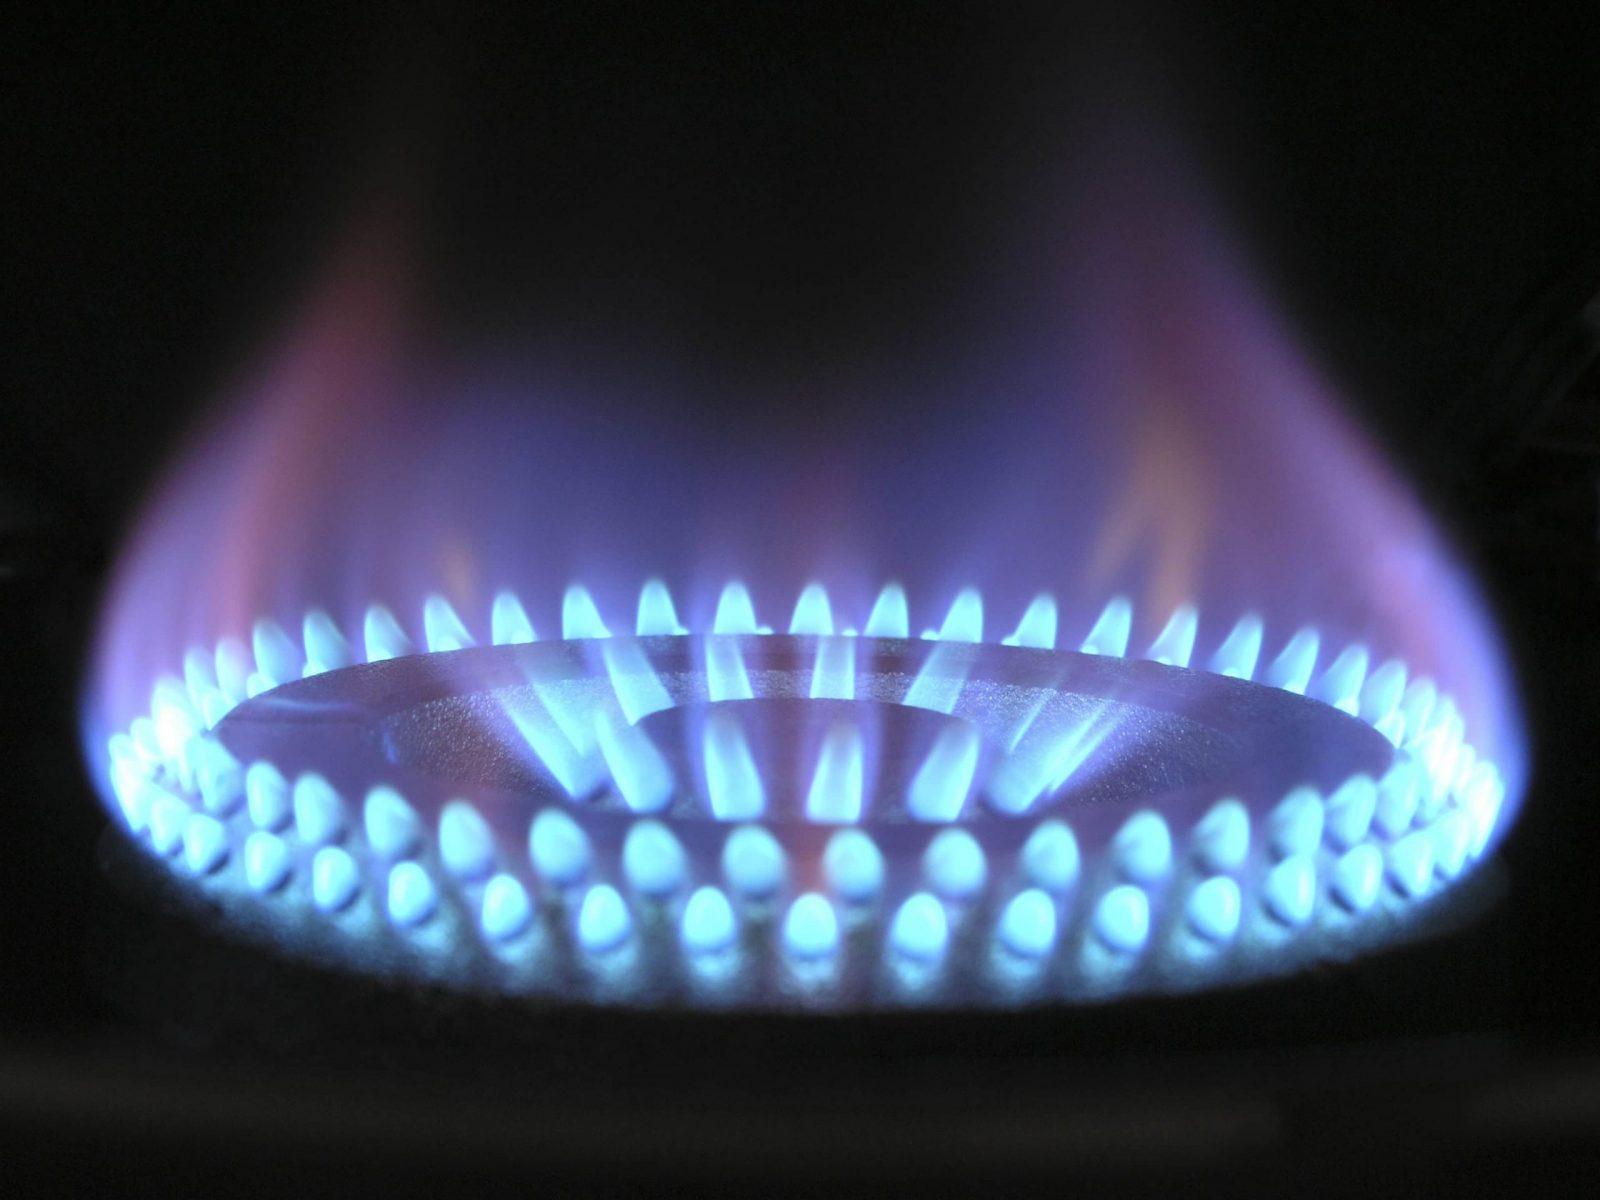 Щёлкает газовая плита электроподжигом